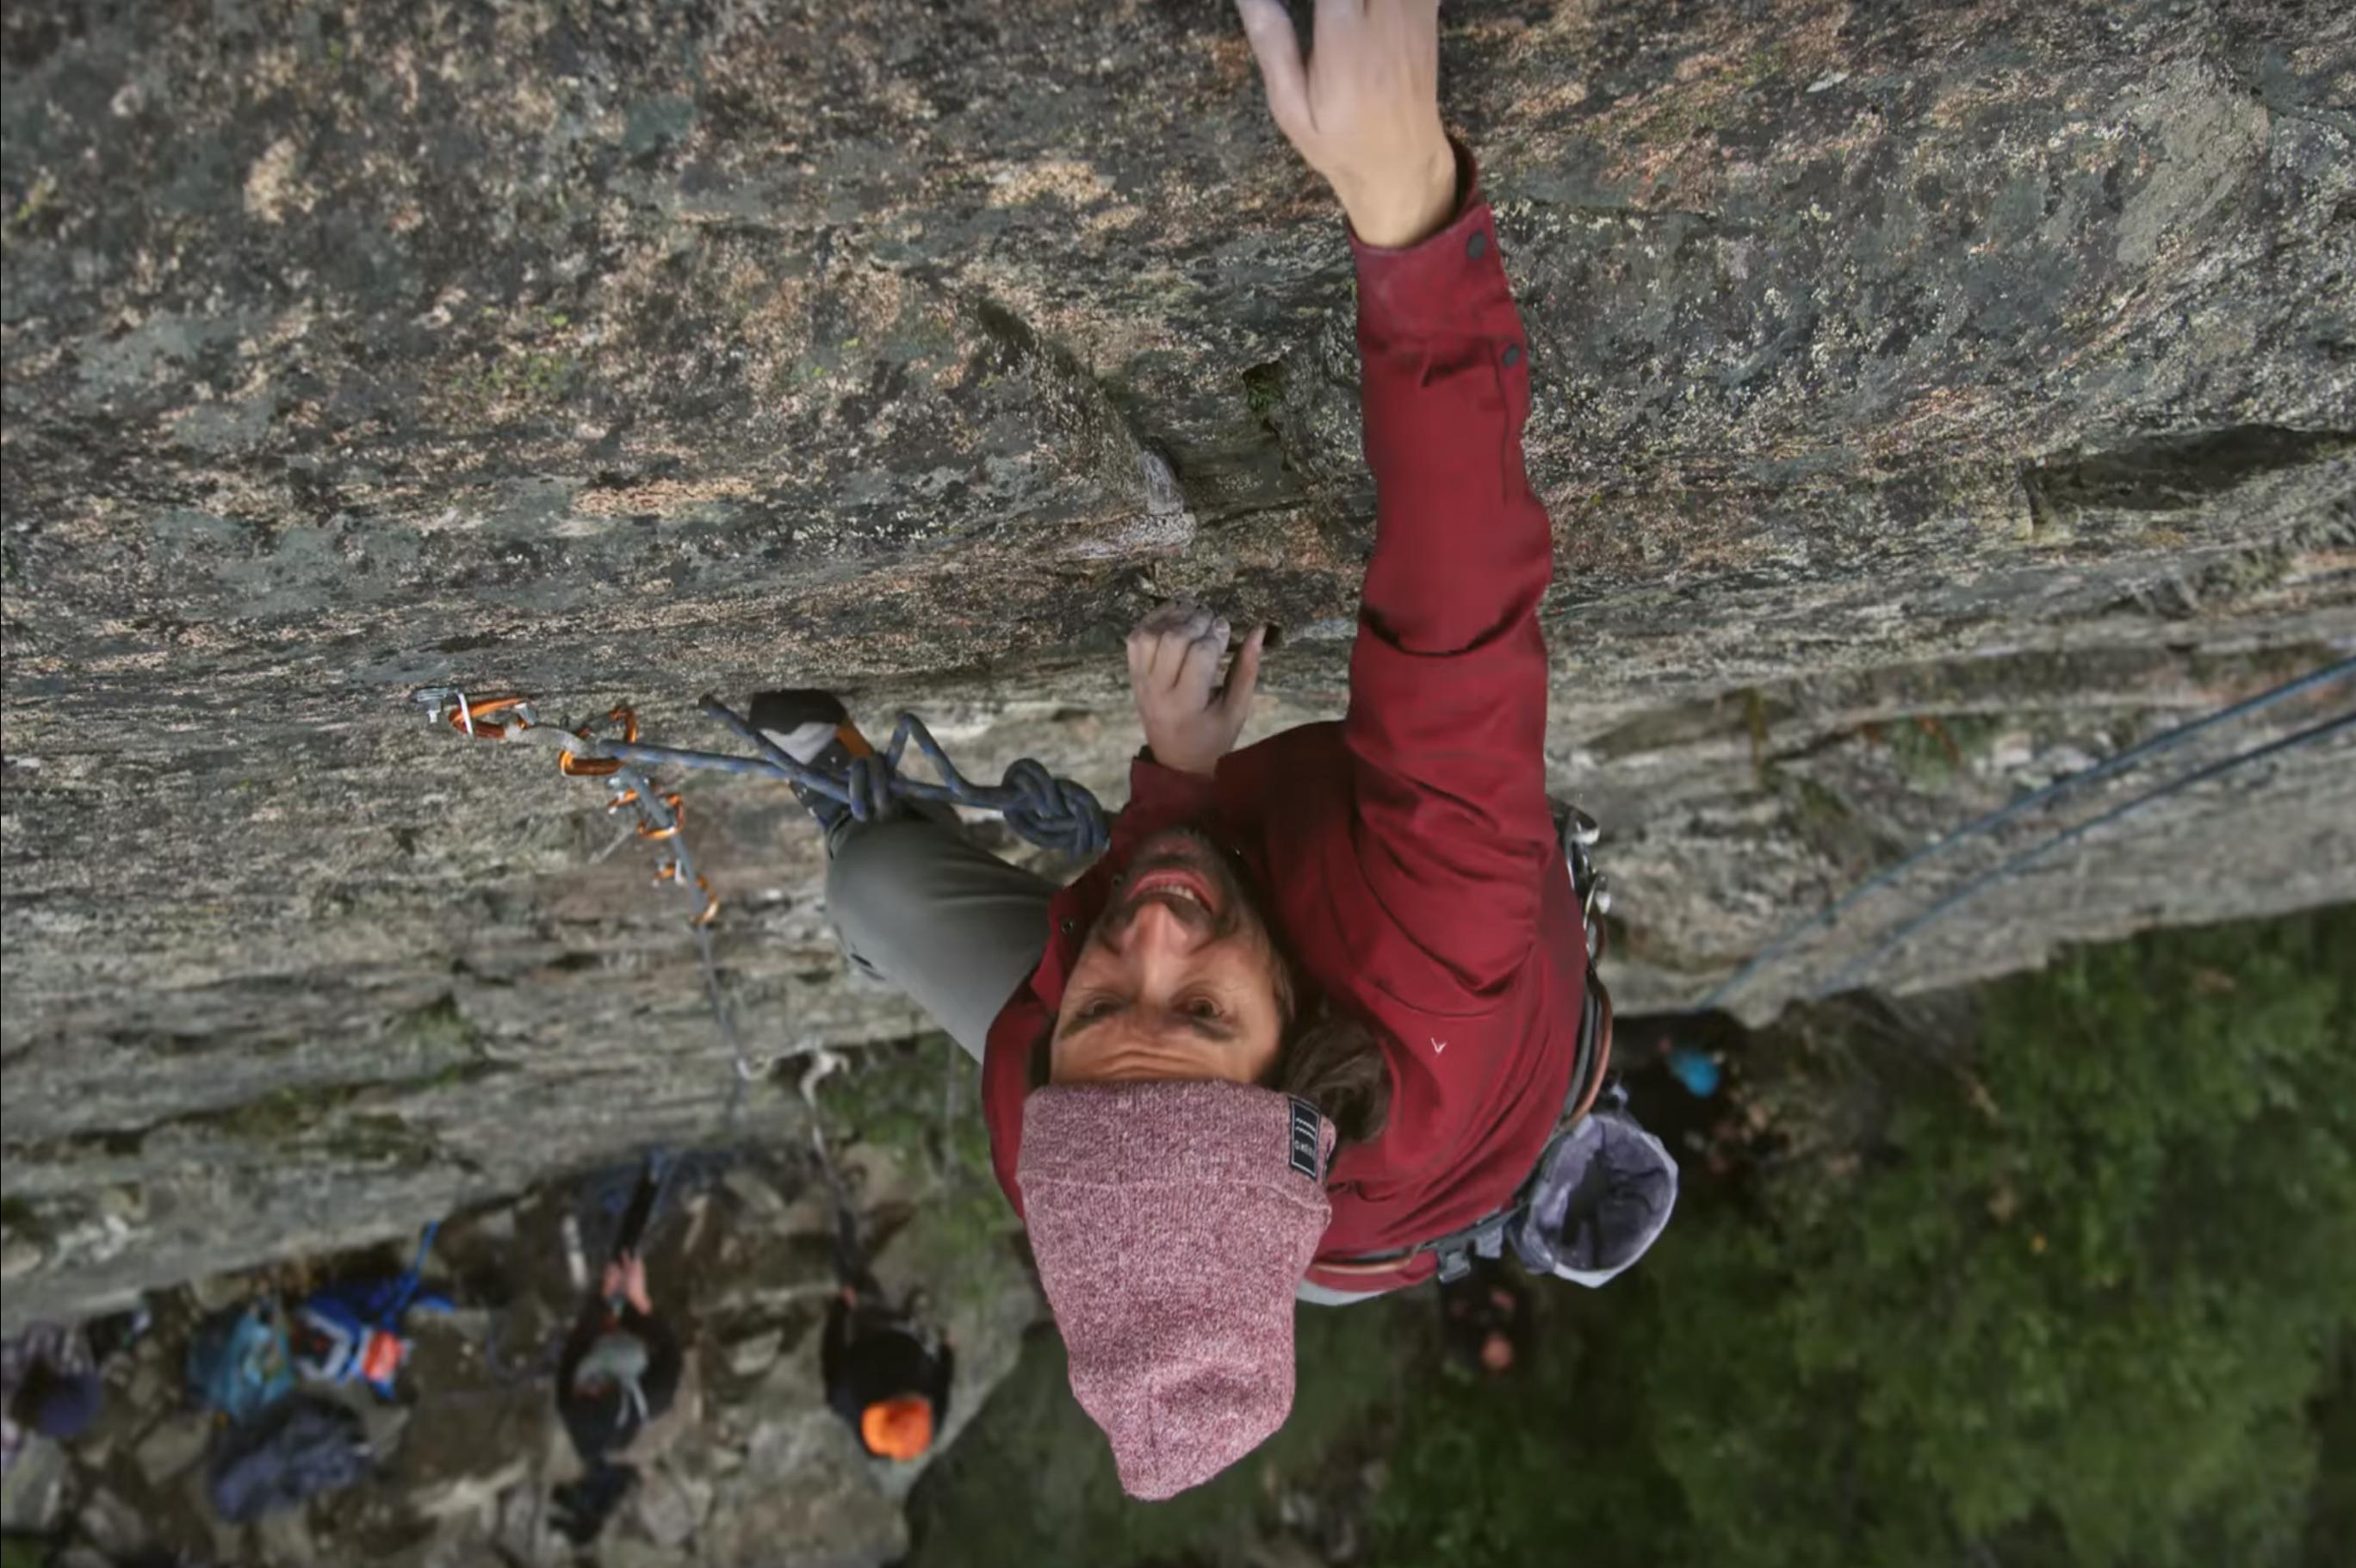 Jeremy Jones leading a route in the Sierras